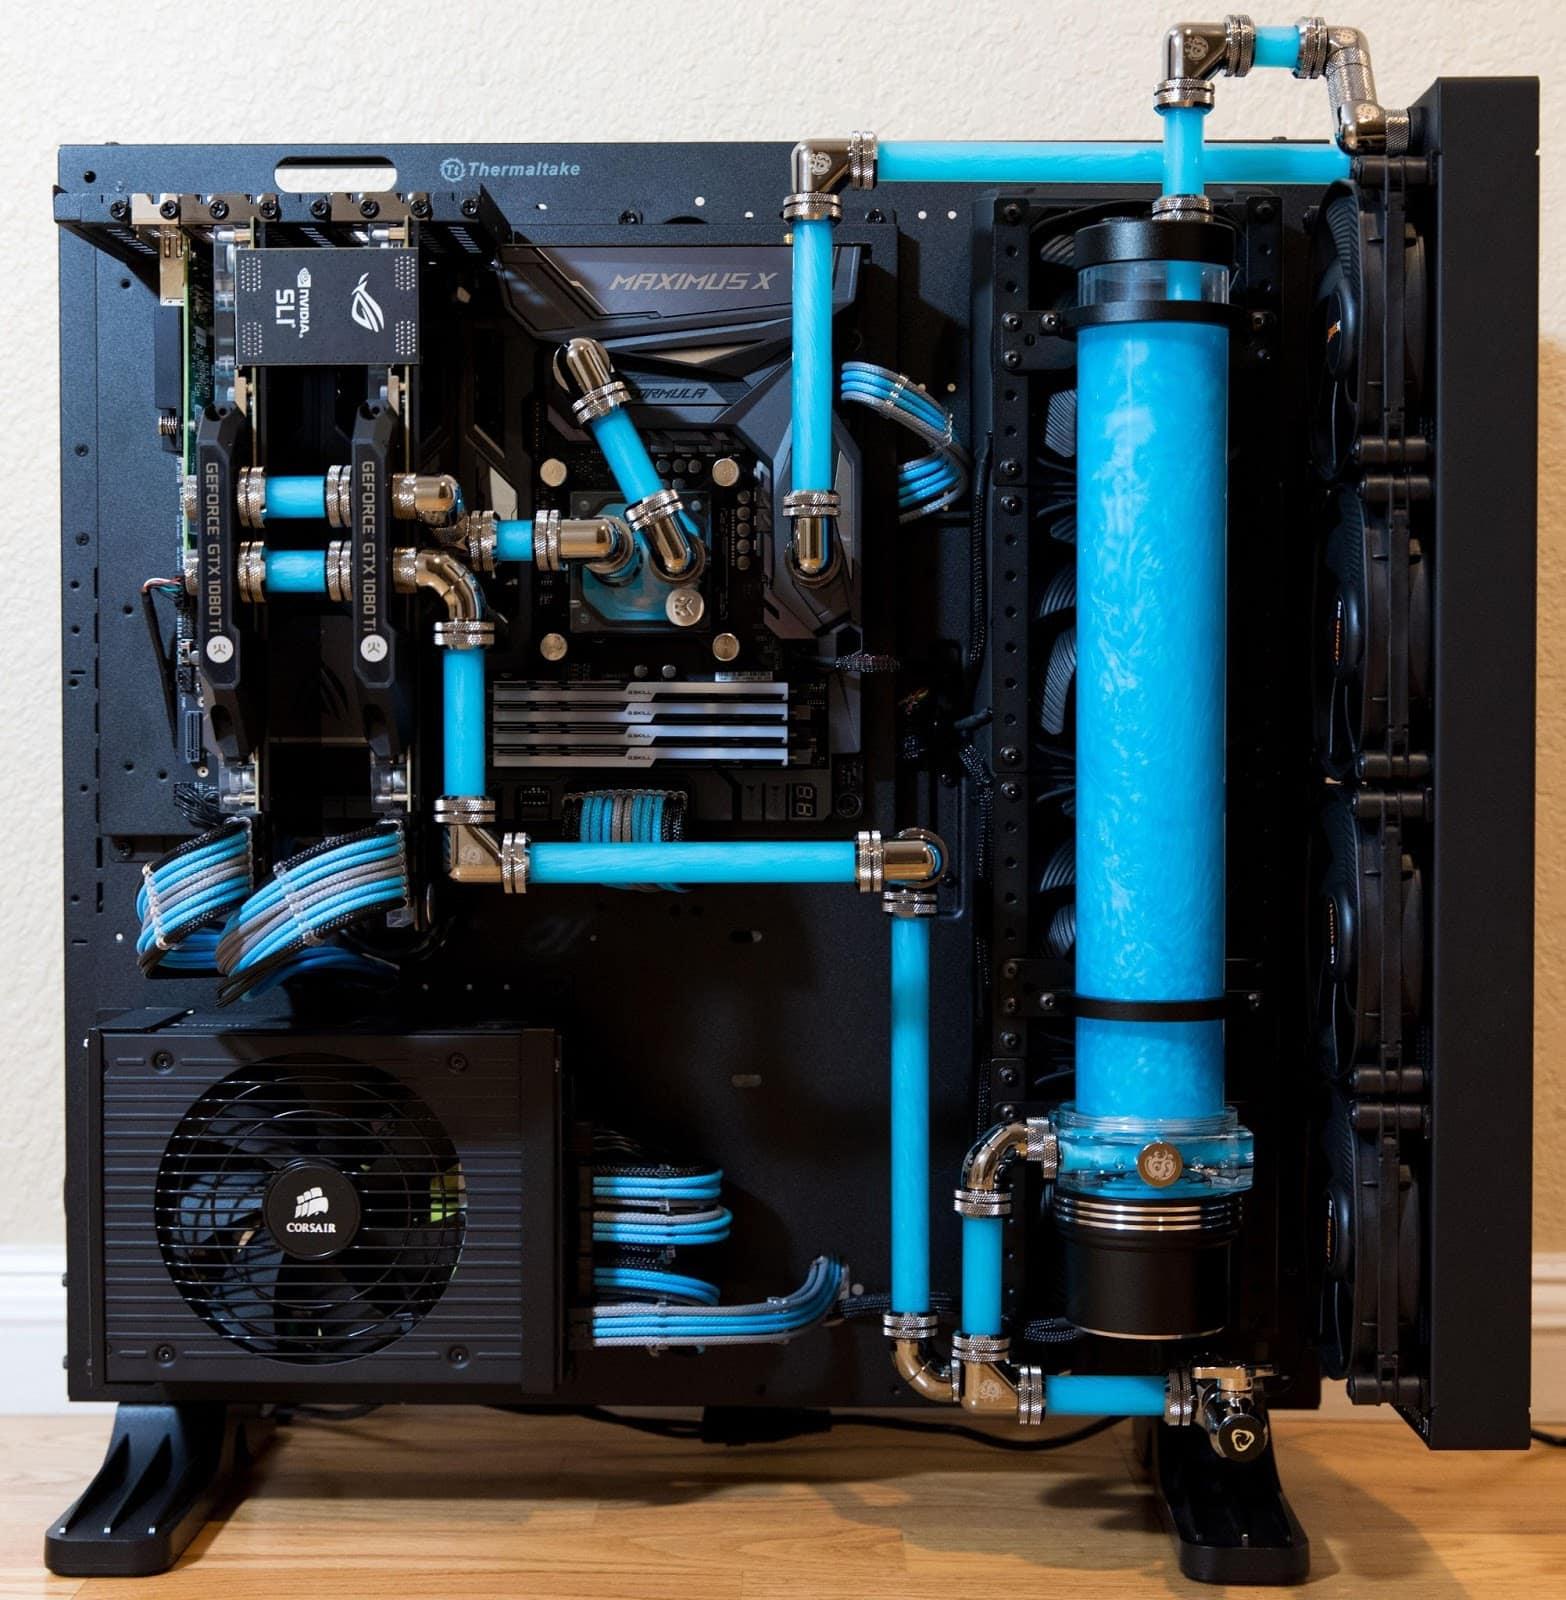 thermaltake p5 build